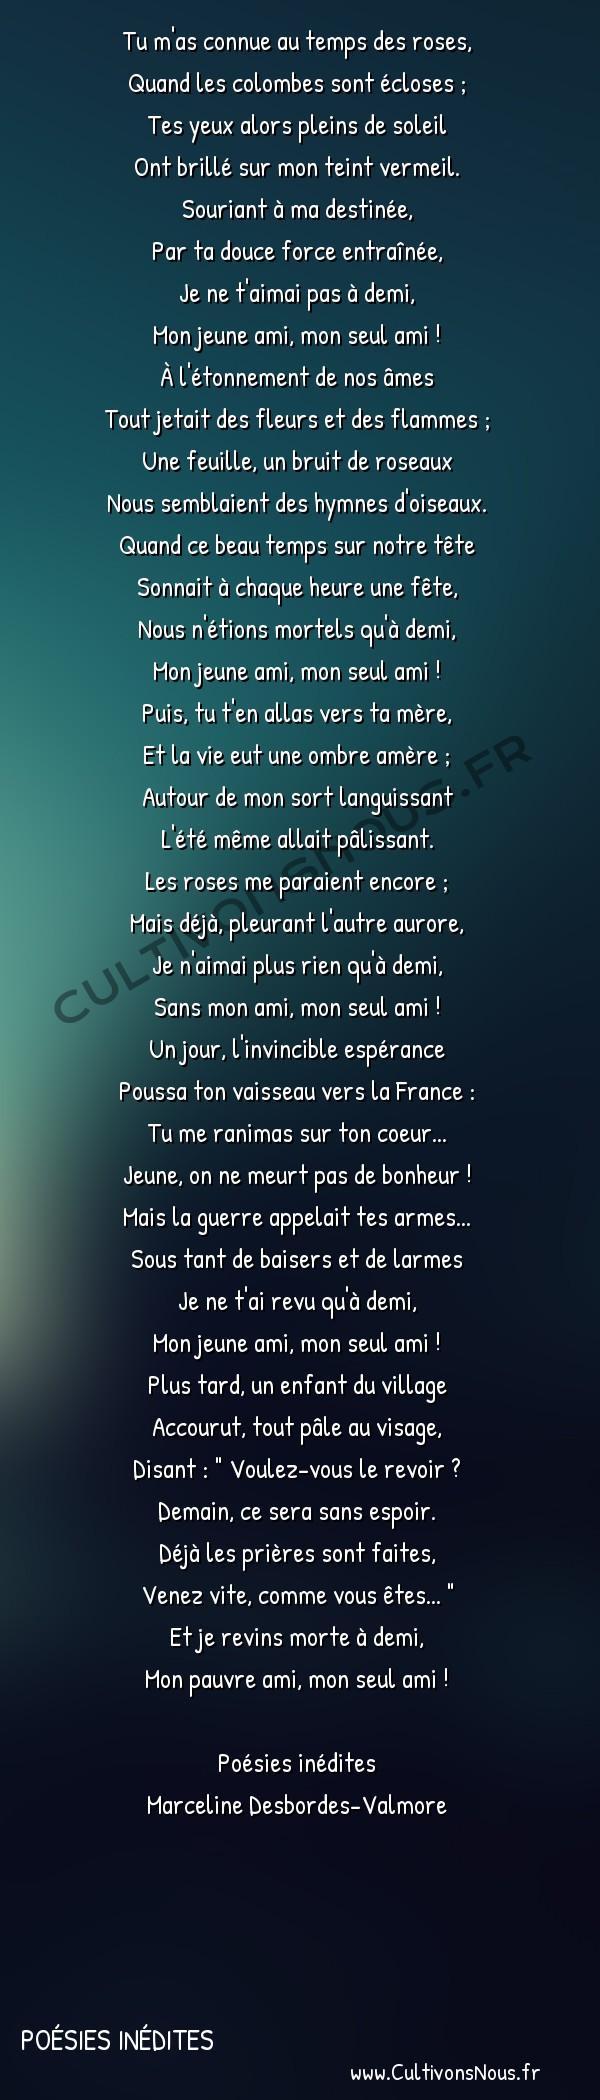 Poésie Marceline Desbordes-Valmore - Poésies inédites - Simple histoire -  Tu m'as connue au temps des roses, Quand les colombes sont écloses ;